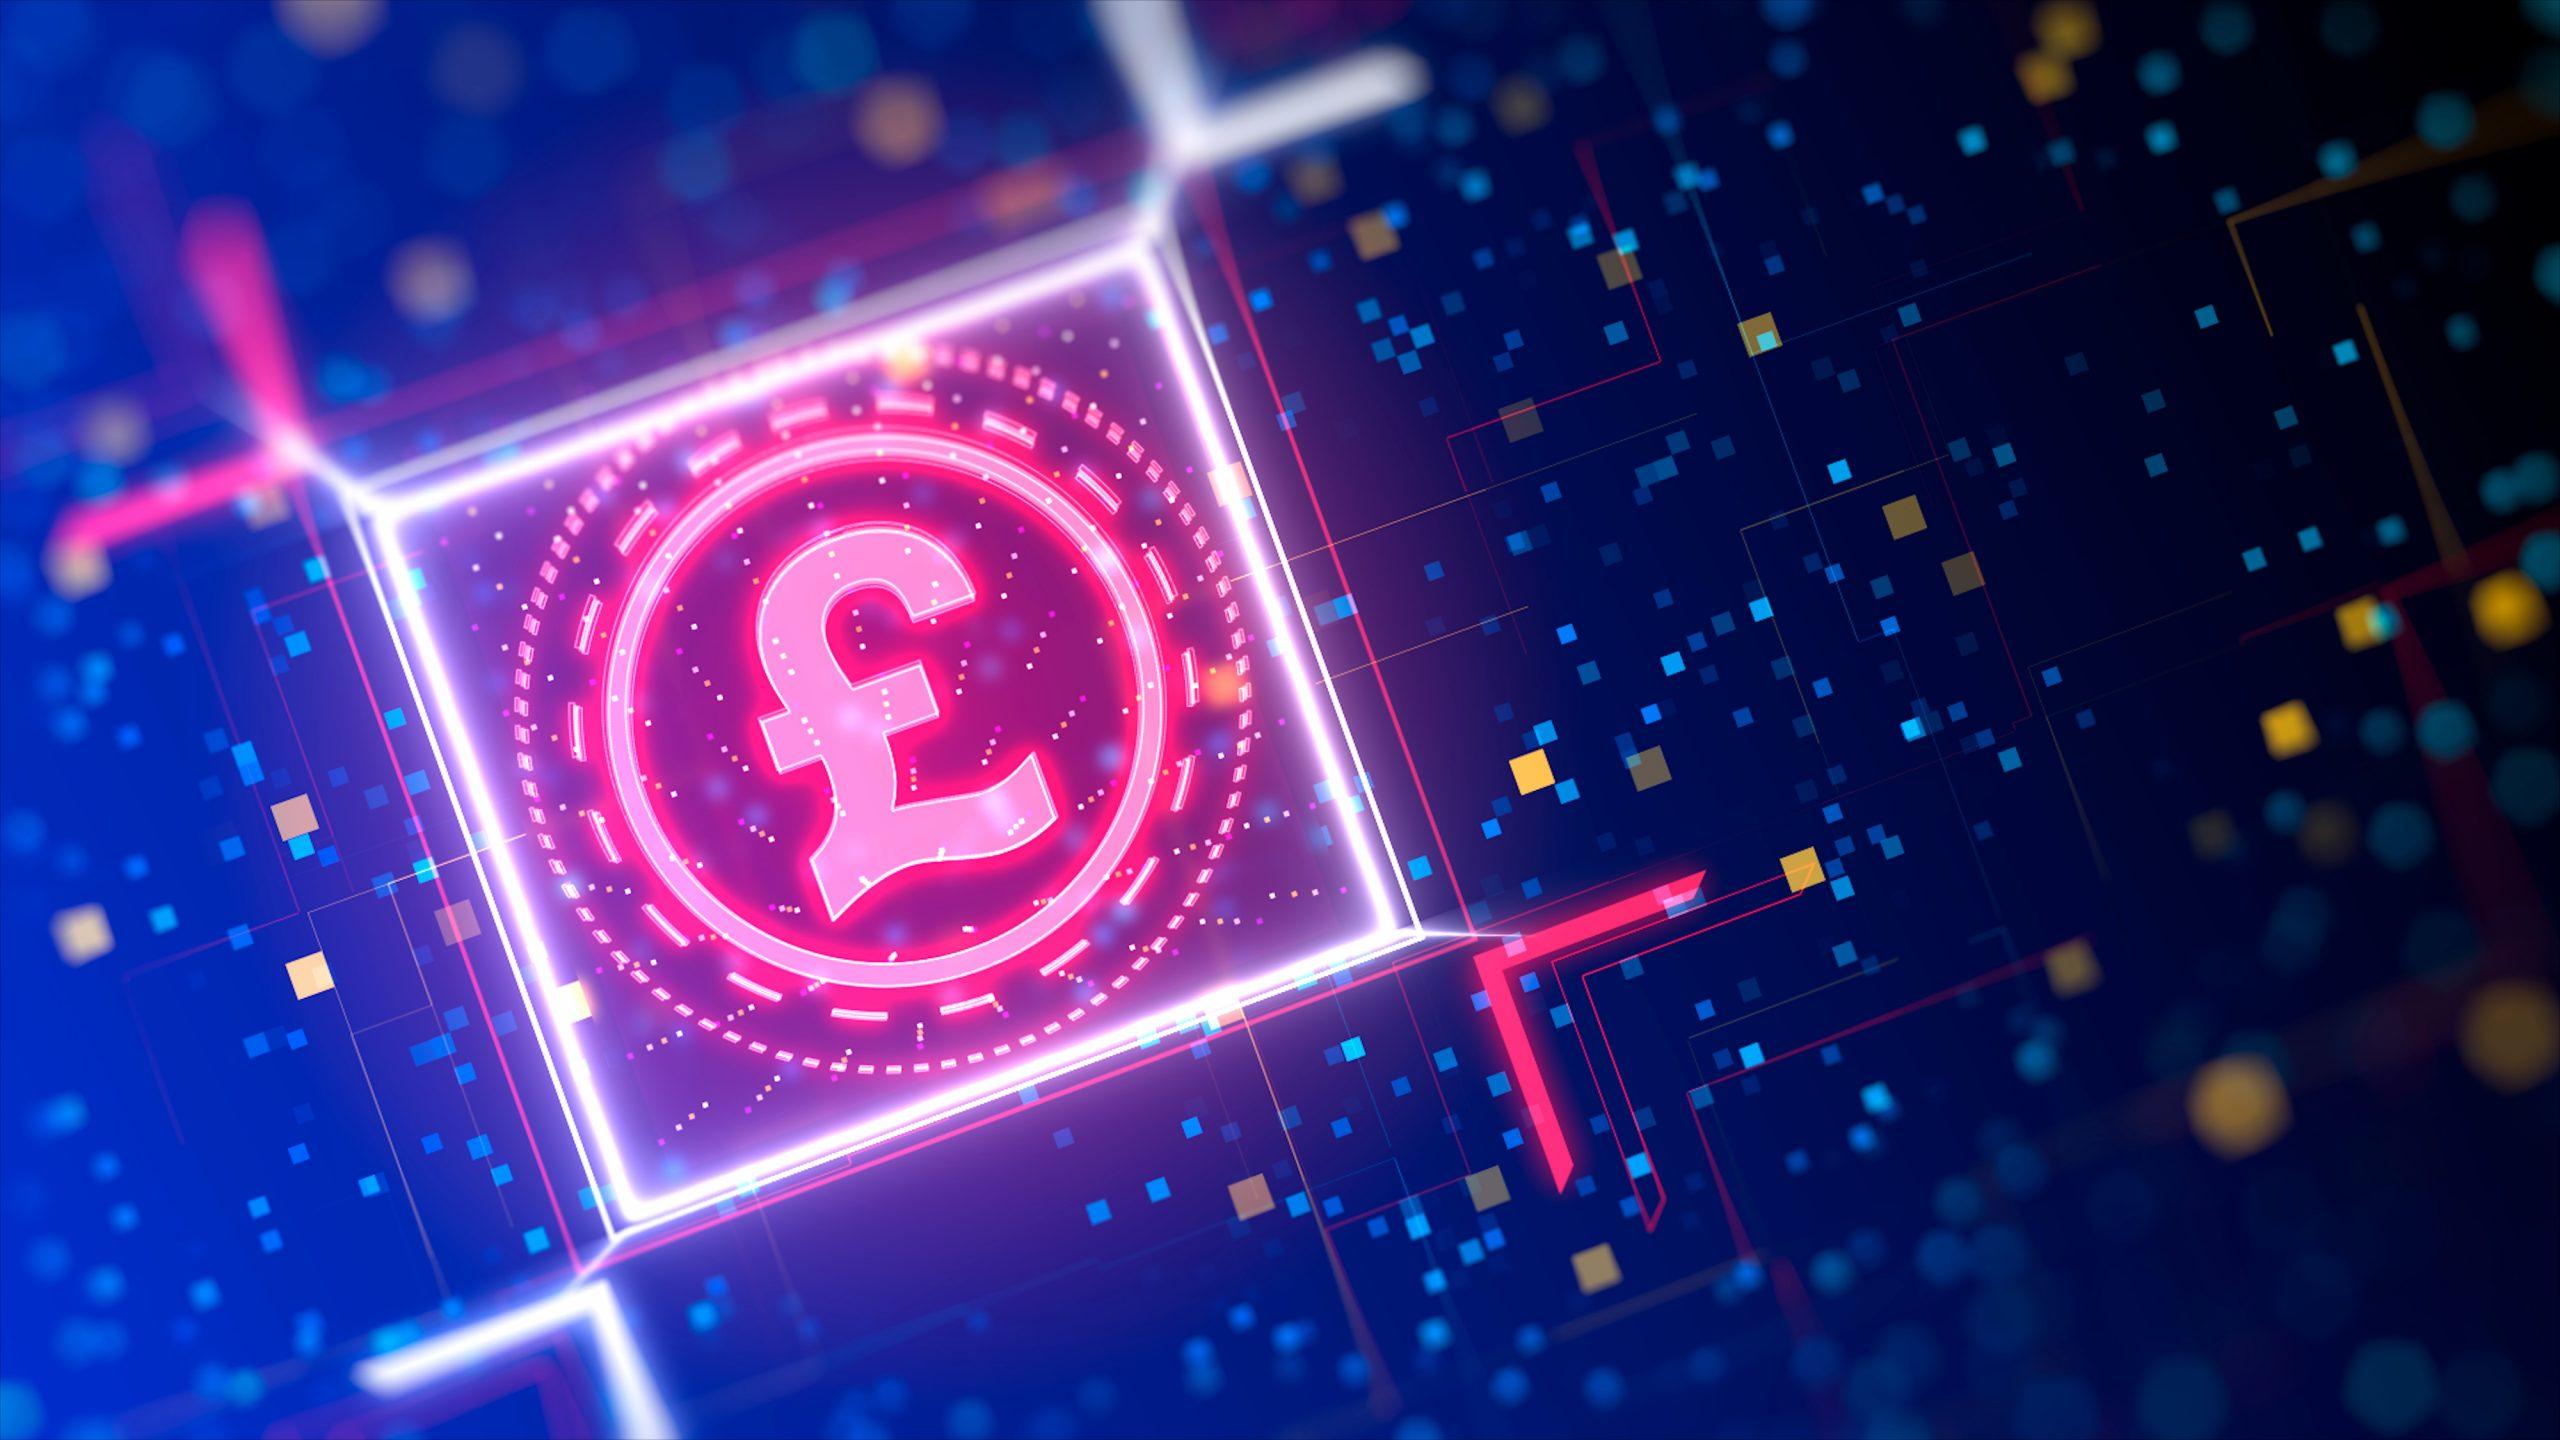 Le Royaume-Uni accélère ses recherches sur la création d'une monnaie numérique